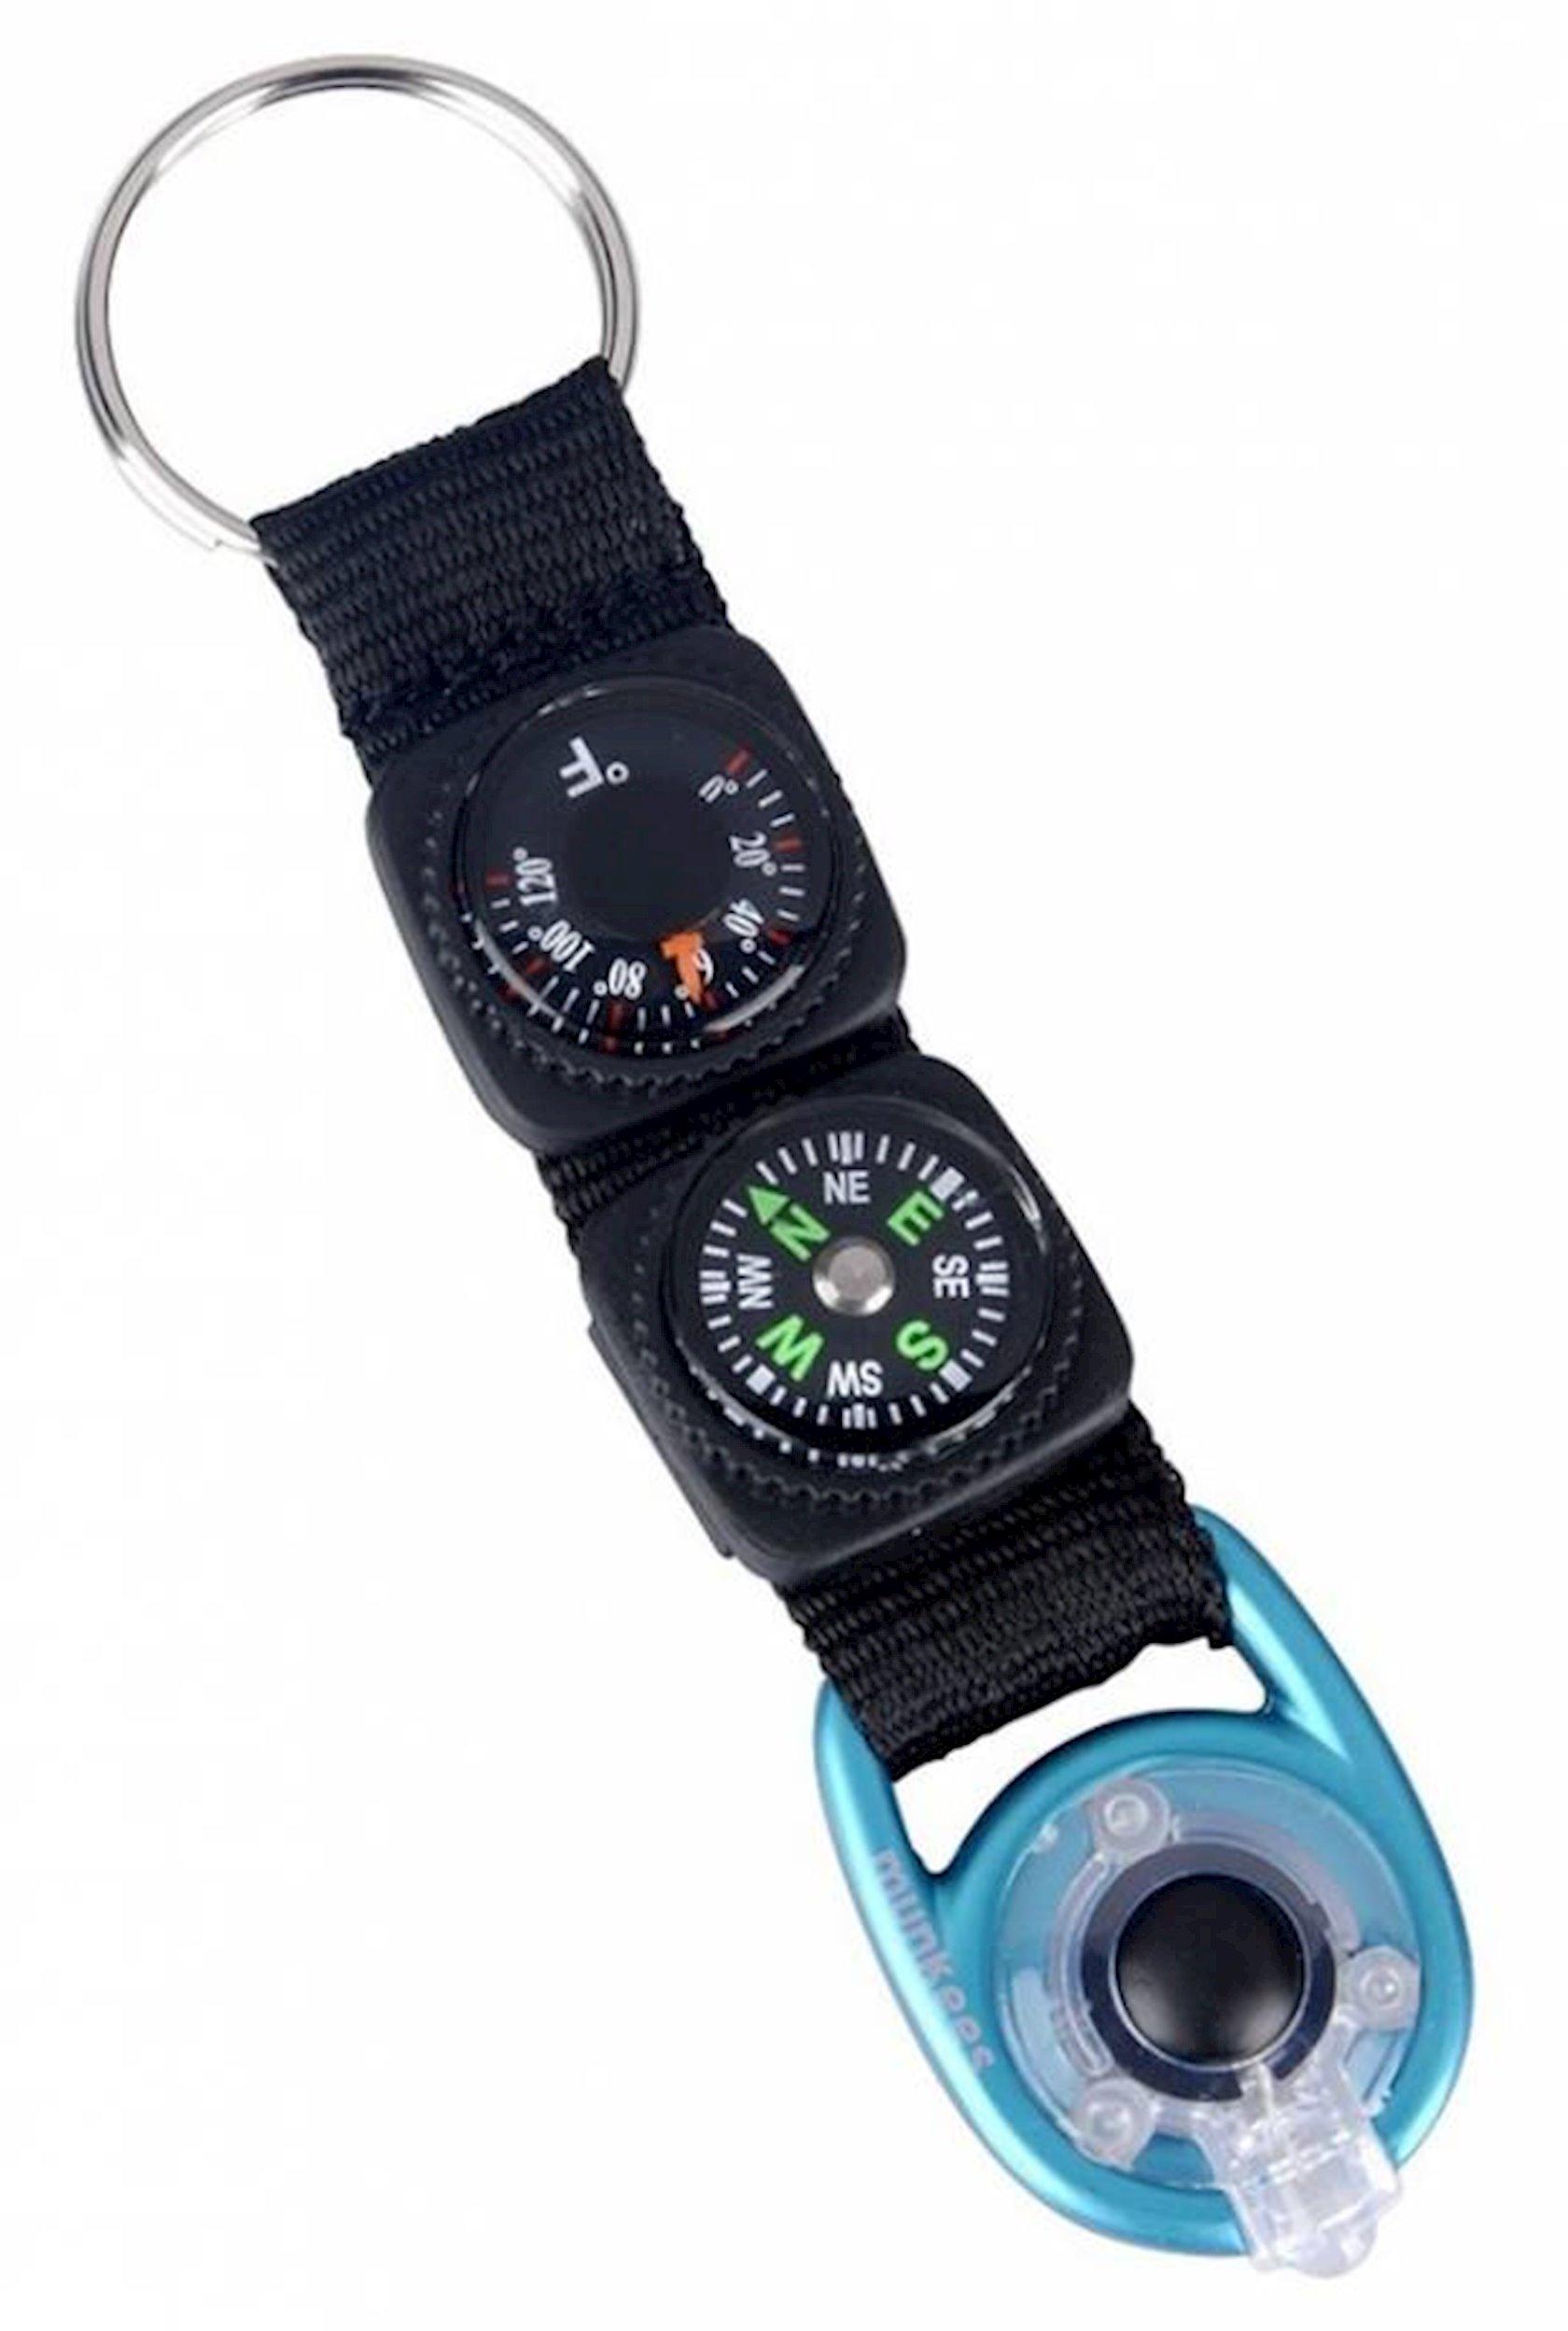 Brelok-fənər Munkees LED 1084 kompas və termometr ilə, 110 mm, Qara